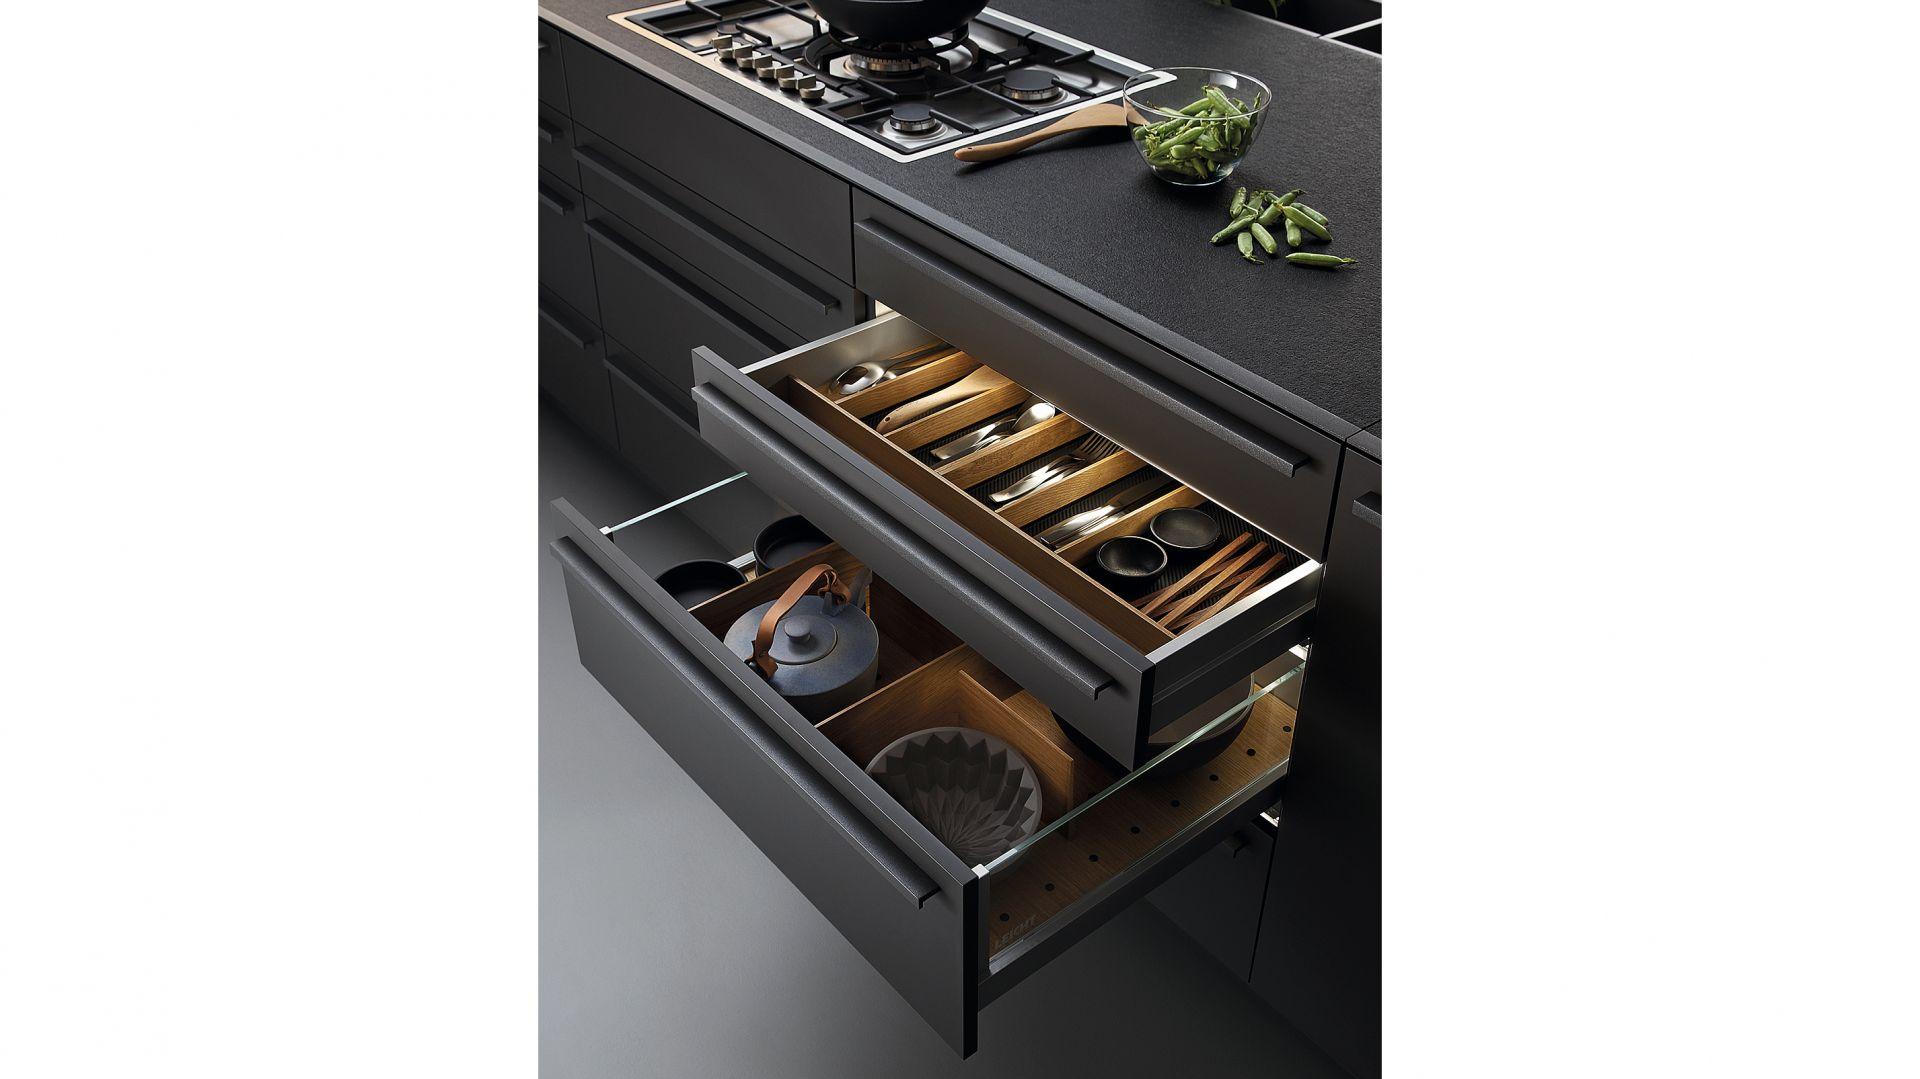 L-Box – wkłady na sztućce wykonane z drewna dębowego mogą być układane według indywidualnych potrzeb. Akcesoria pozostają na miejscu dzięki antypoślizgowej, szarej macie. Fot. Leicht